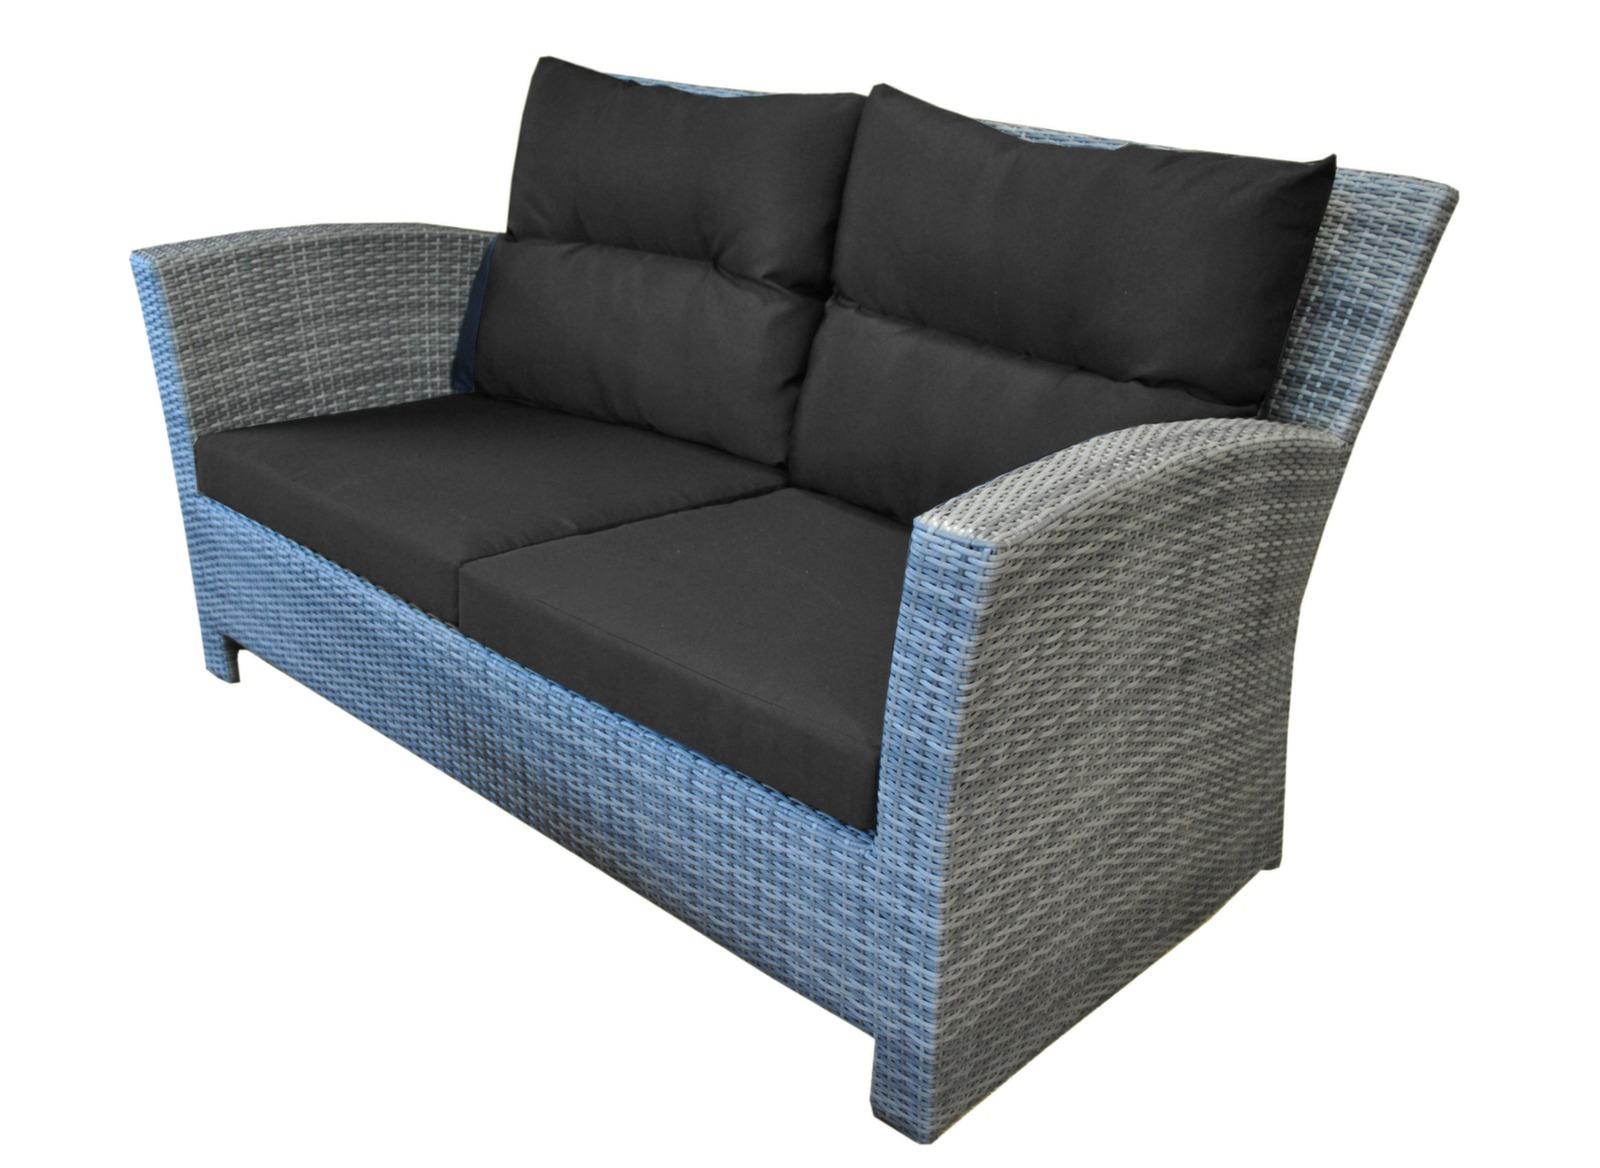 Canap seattle 2 places ice achat canap de jardin for Achat mobilier de jardin en ligne